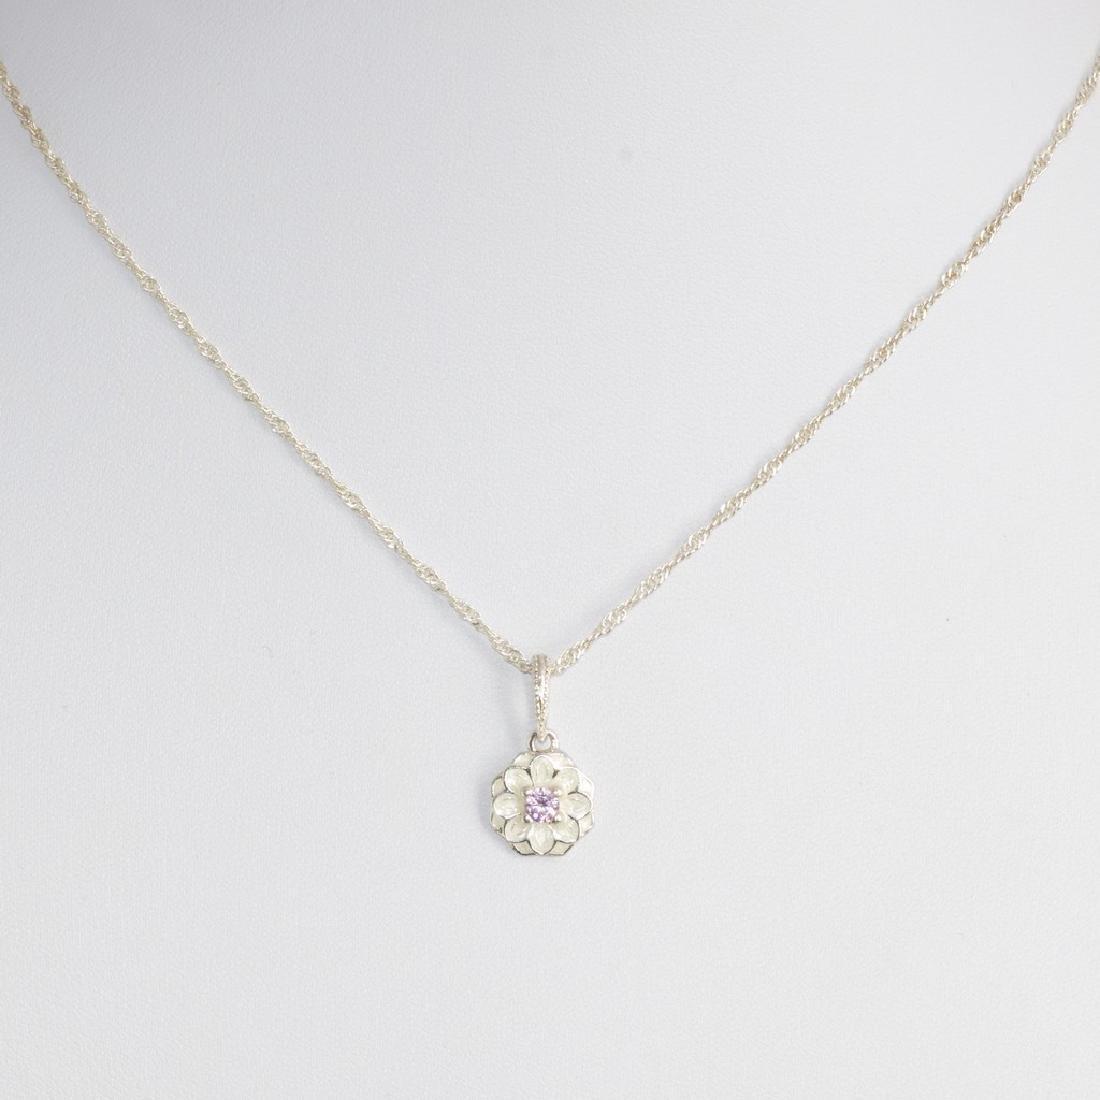 Sterling Silver Enamel Flower Necklace